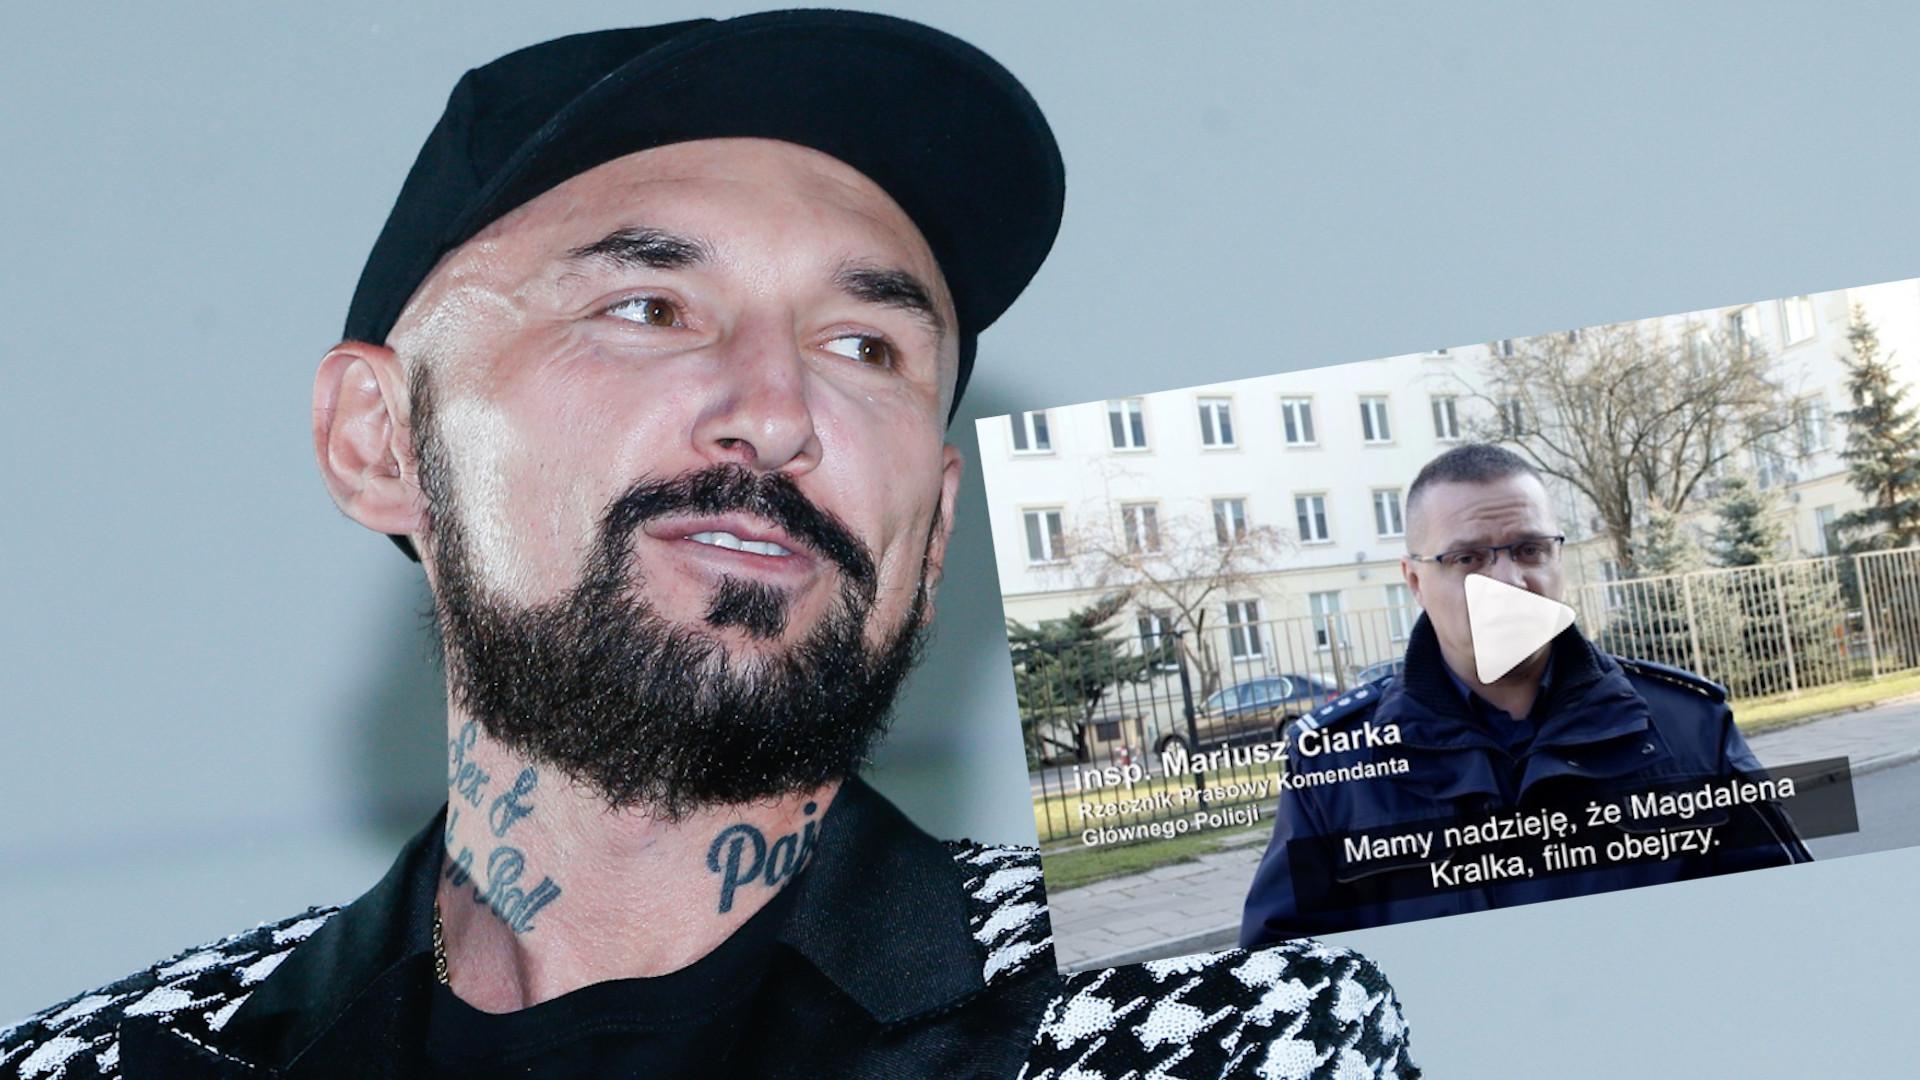 """Polska policja ODPOWIADA Patrykowi Vedze: """"My z naszej strony wysłaliśmy zaproszenie, przygotowaliśmy bilet lotniczy"""""""